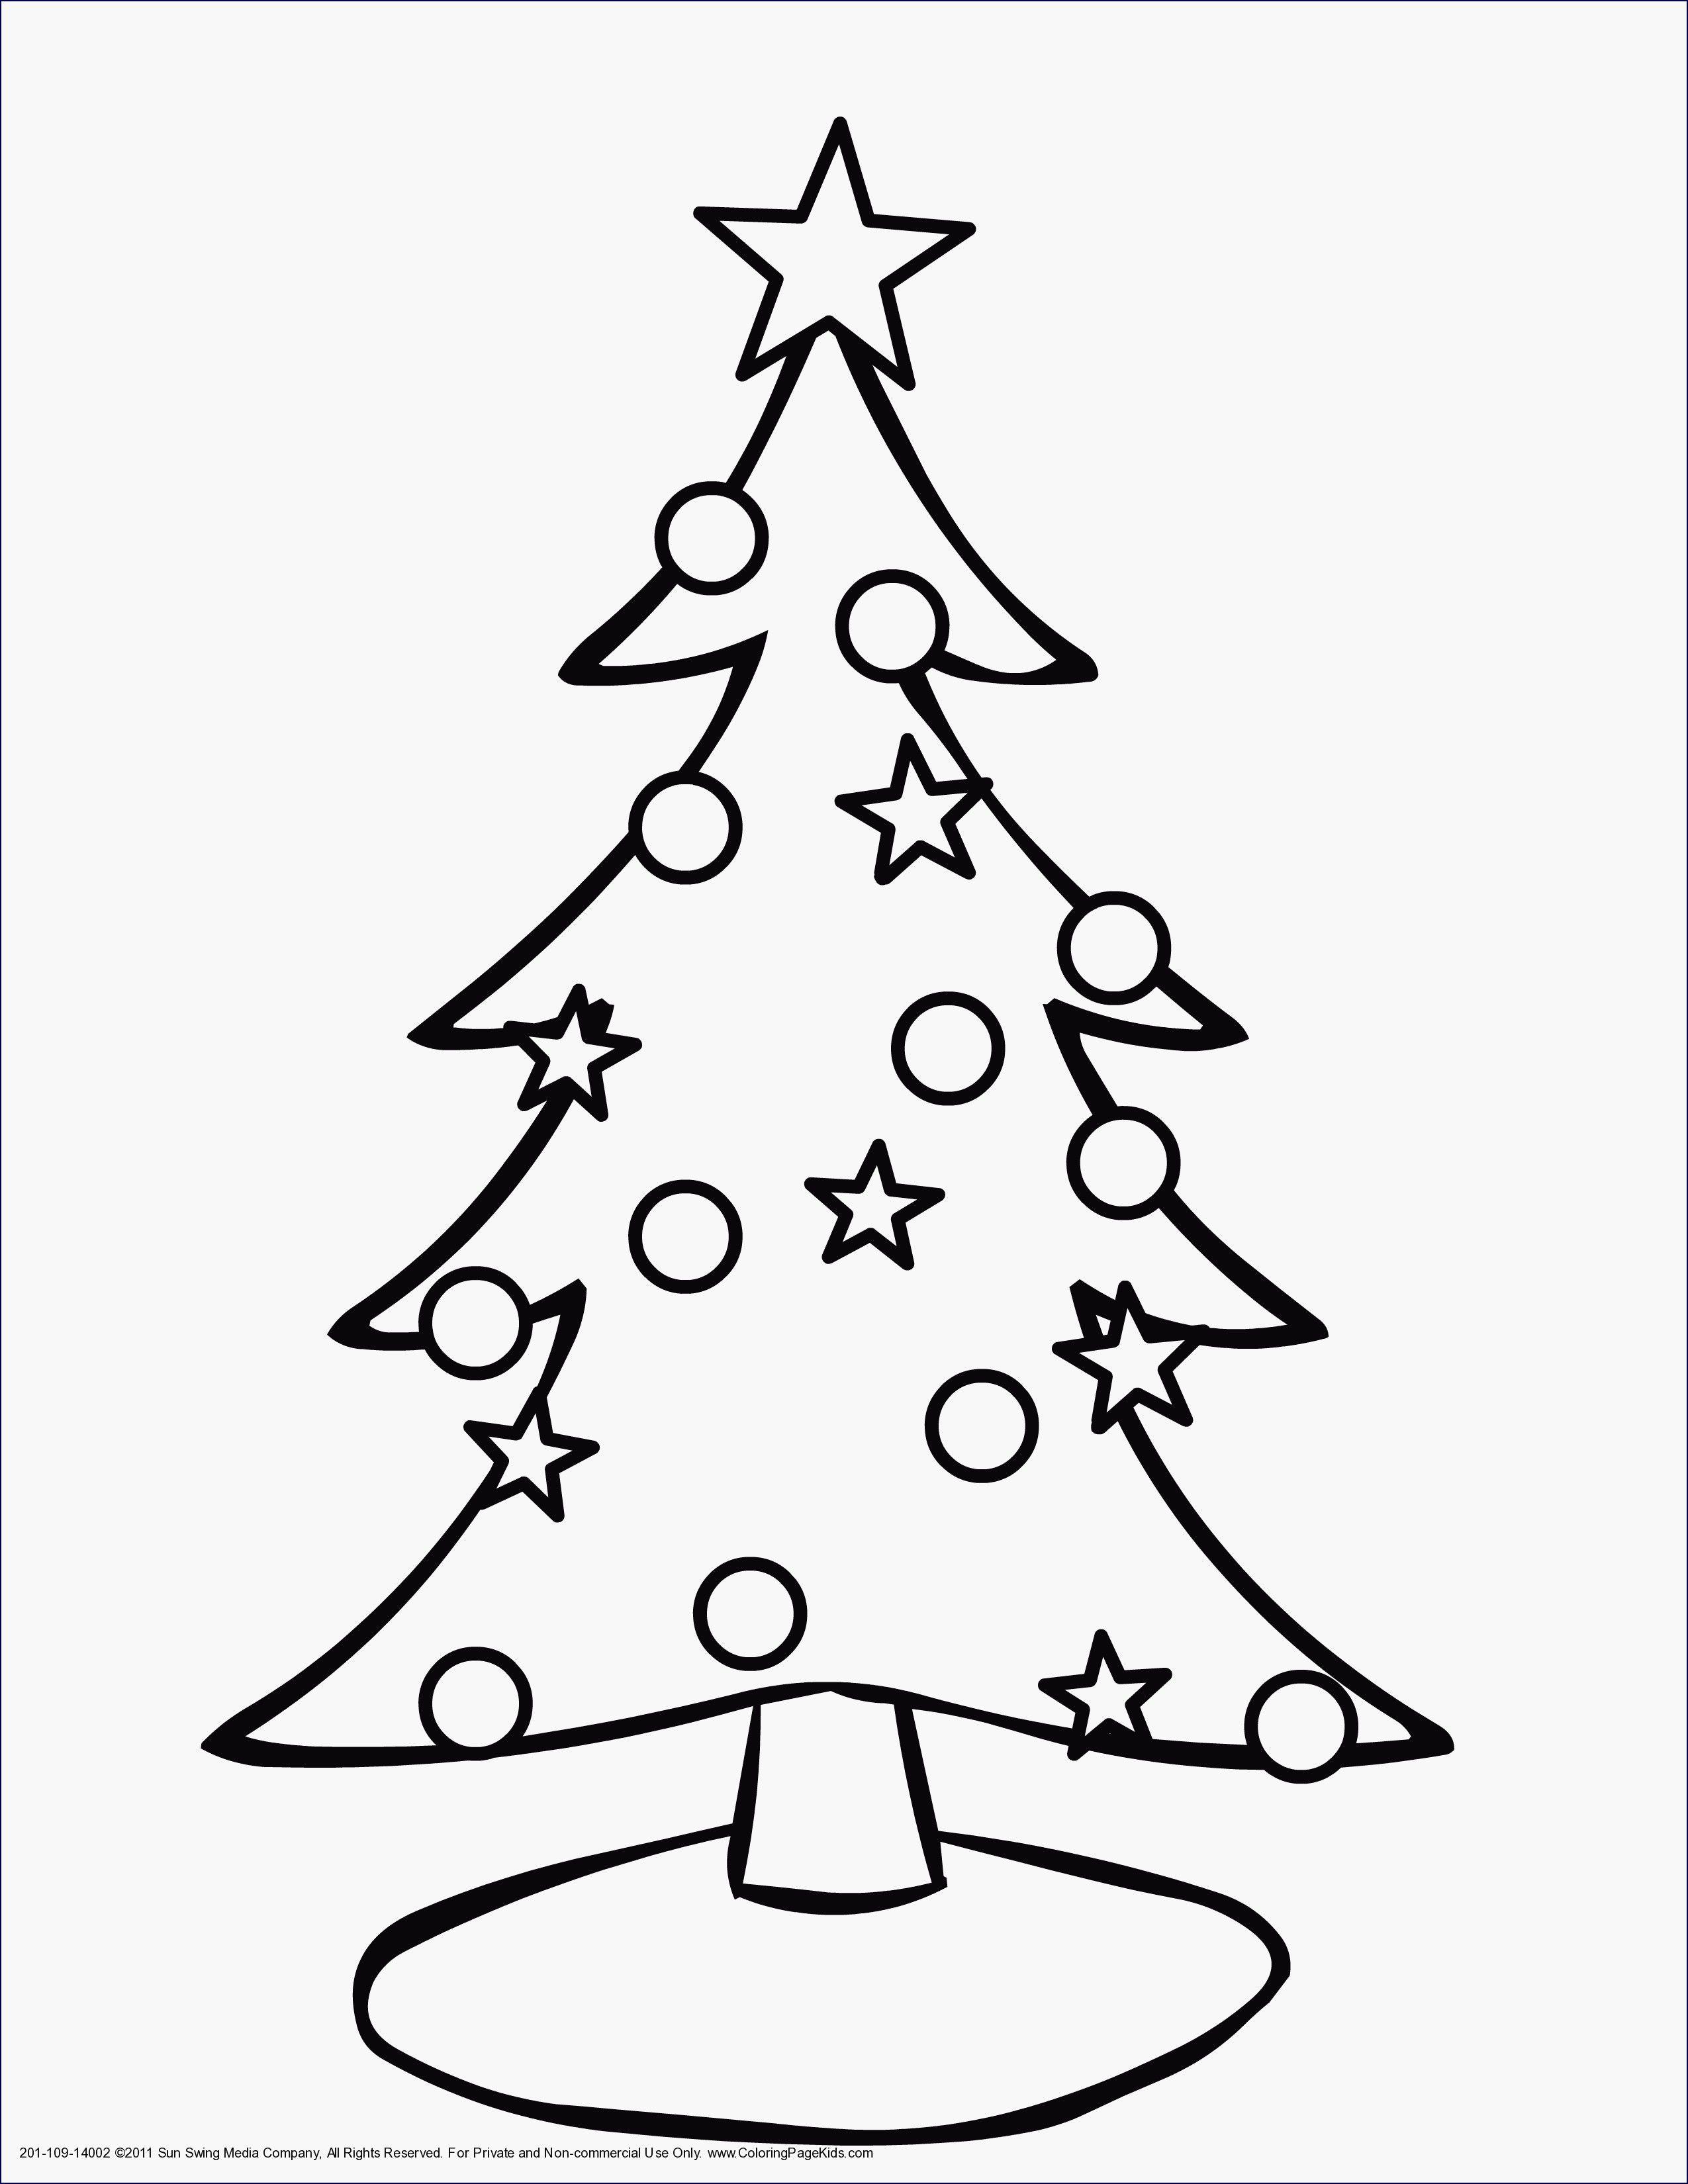 Einzigartig Weihnachtsbaum Vorlage Malvorlagen Malvorlagenfurkinder Malvorlagenfurerwachs Weihnachtsbaum Vorlage Malvorlage Tannenbaum Bunter Weihnachtsbaum